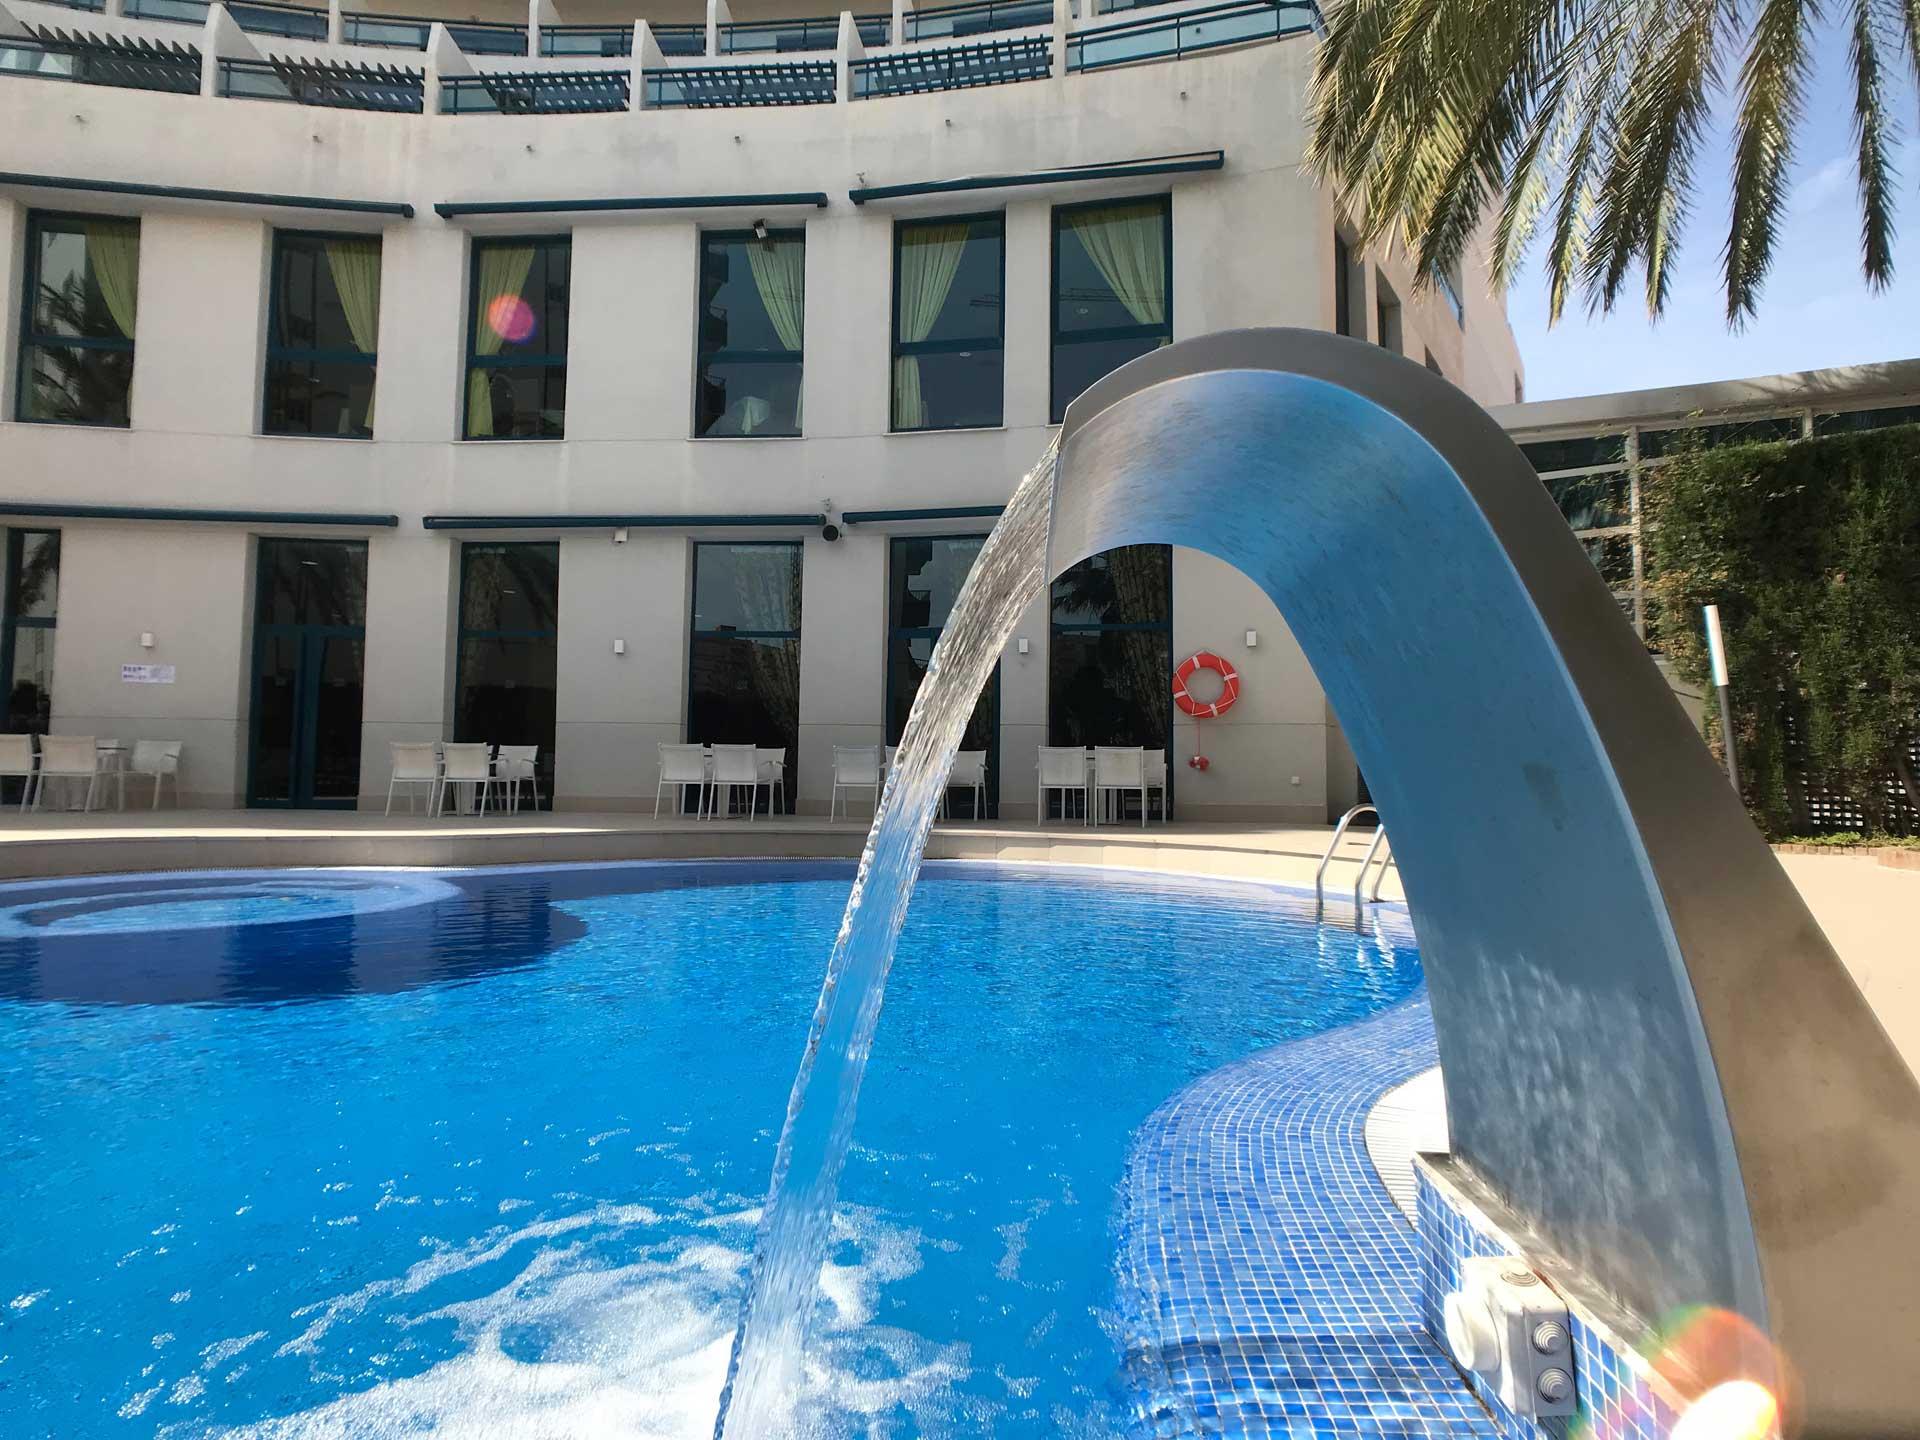 Foto piscina Medidas covid 19 del Hotel Principal Playa de Gandia